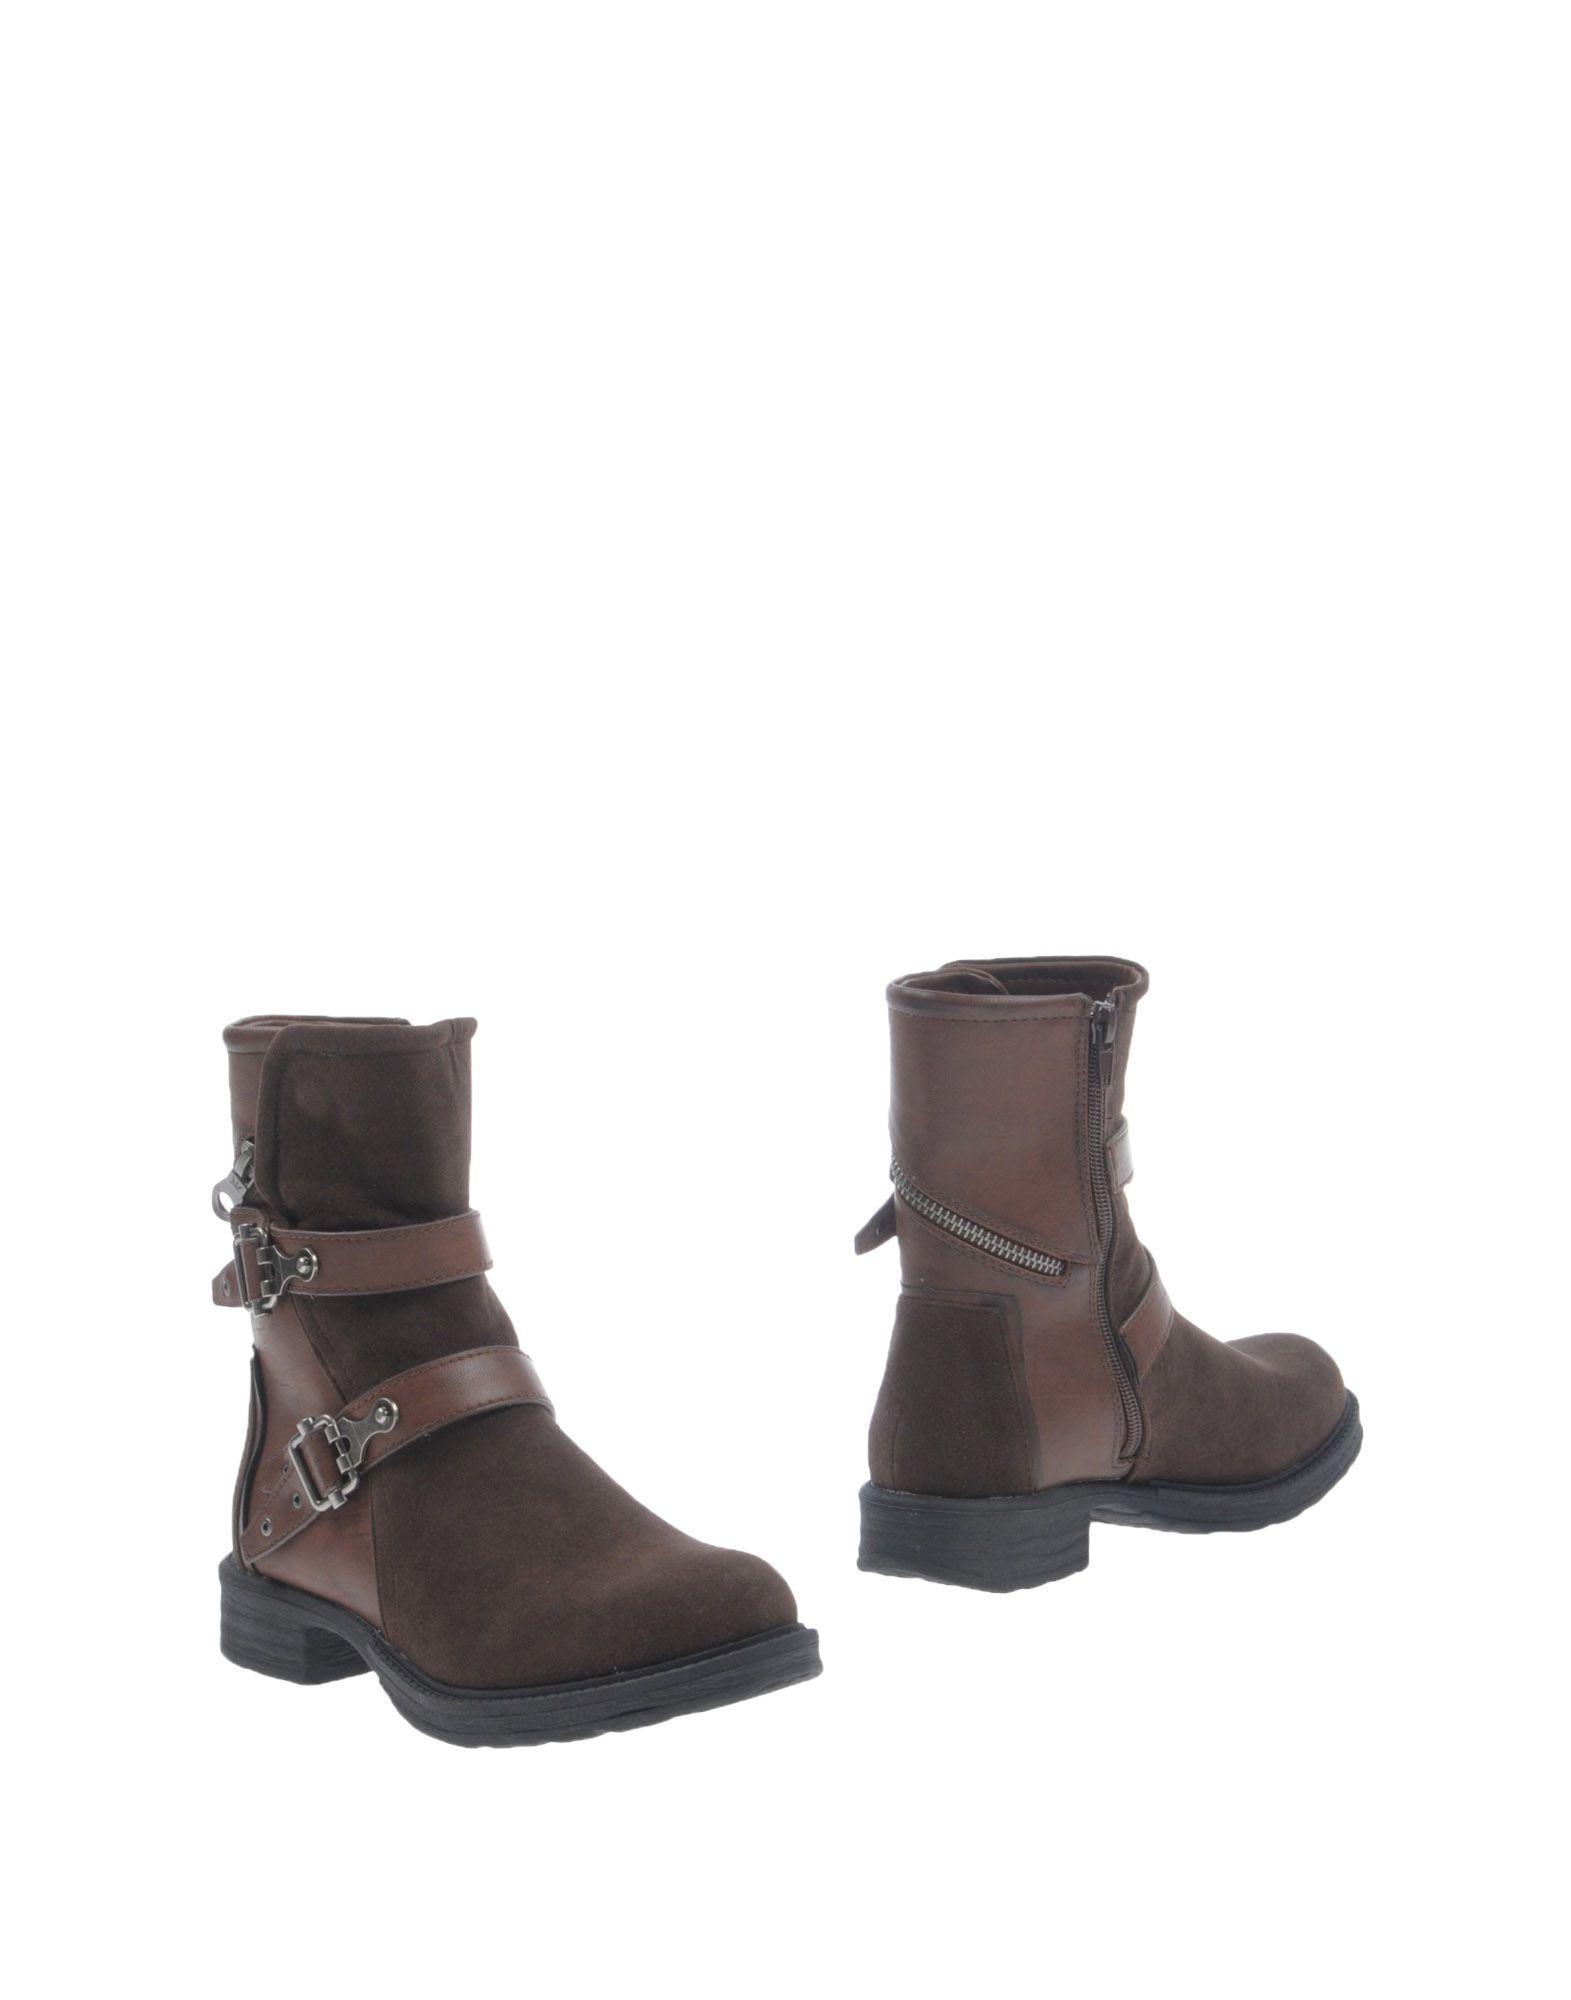 Bottine Francesco Milano Femme - Bottines Francesco Milano Moka Les chaussures les plus populaires pour les hommes et les femmes